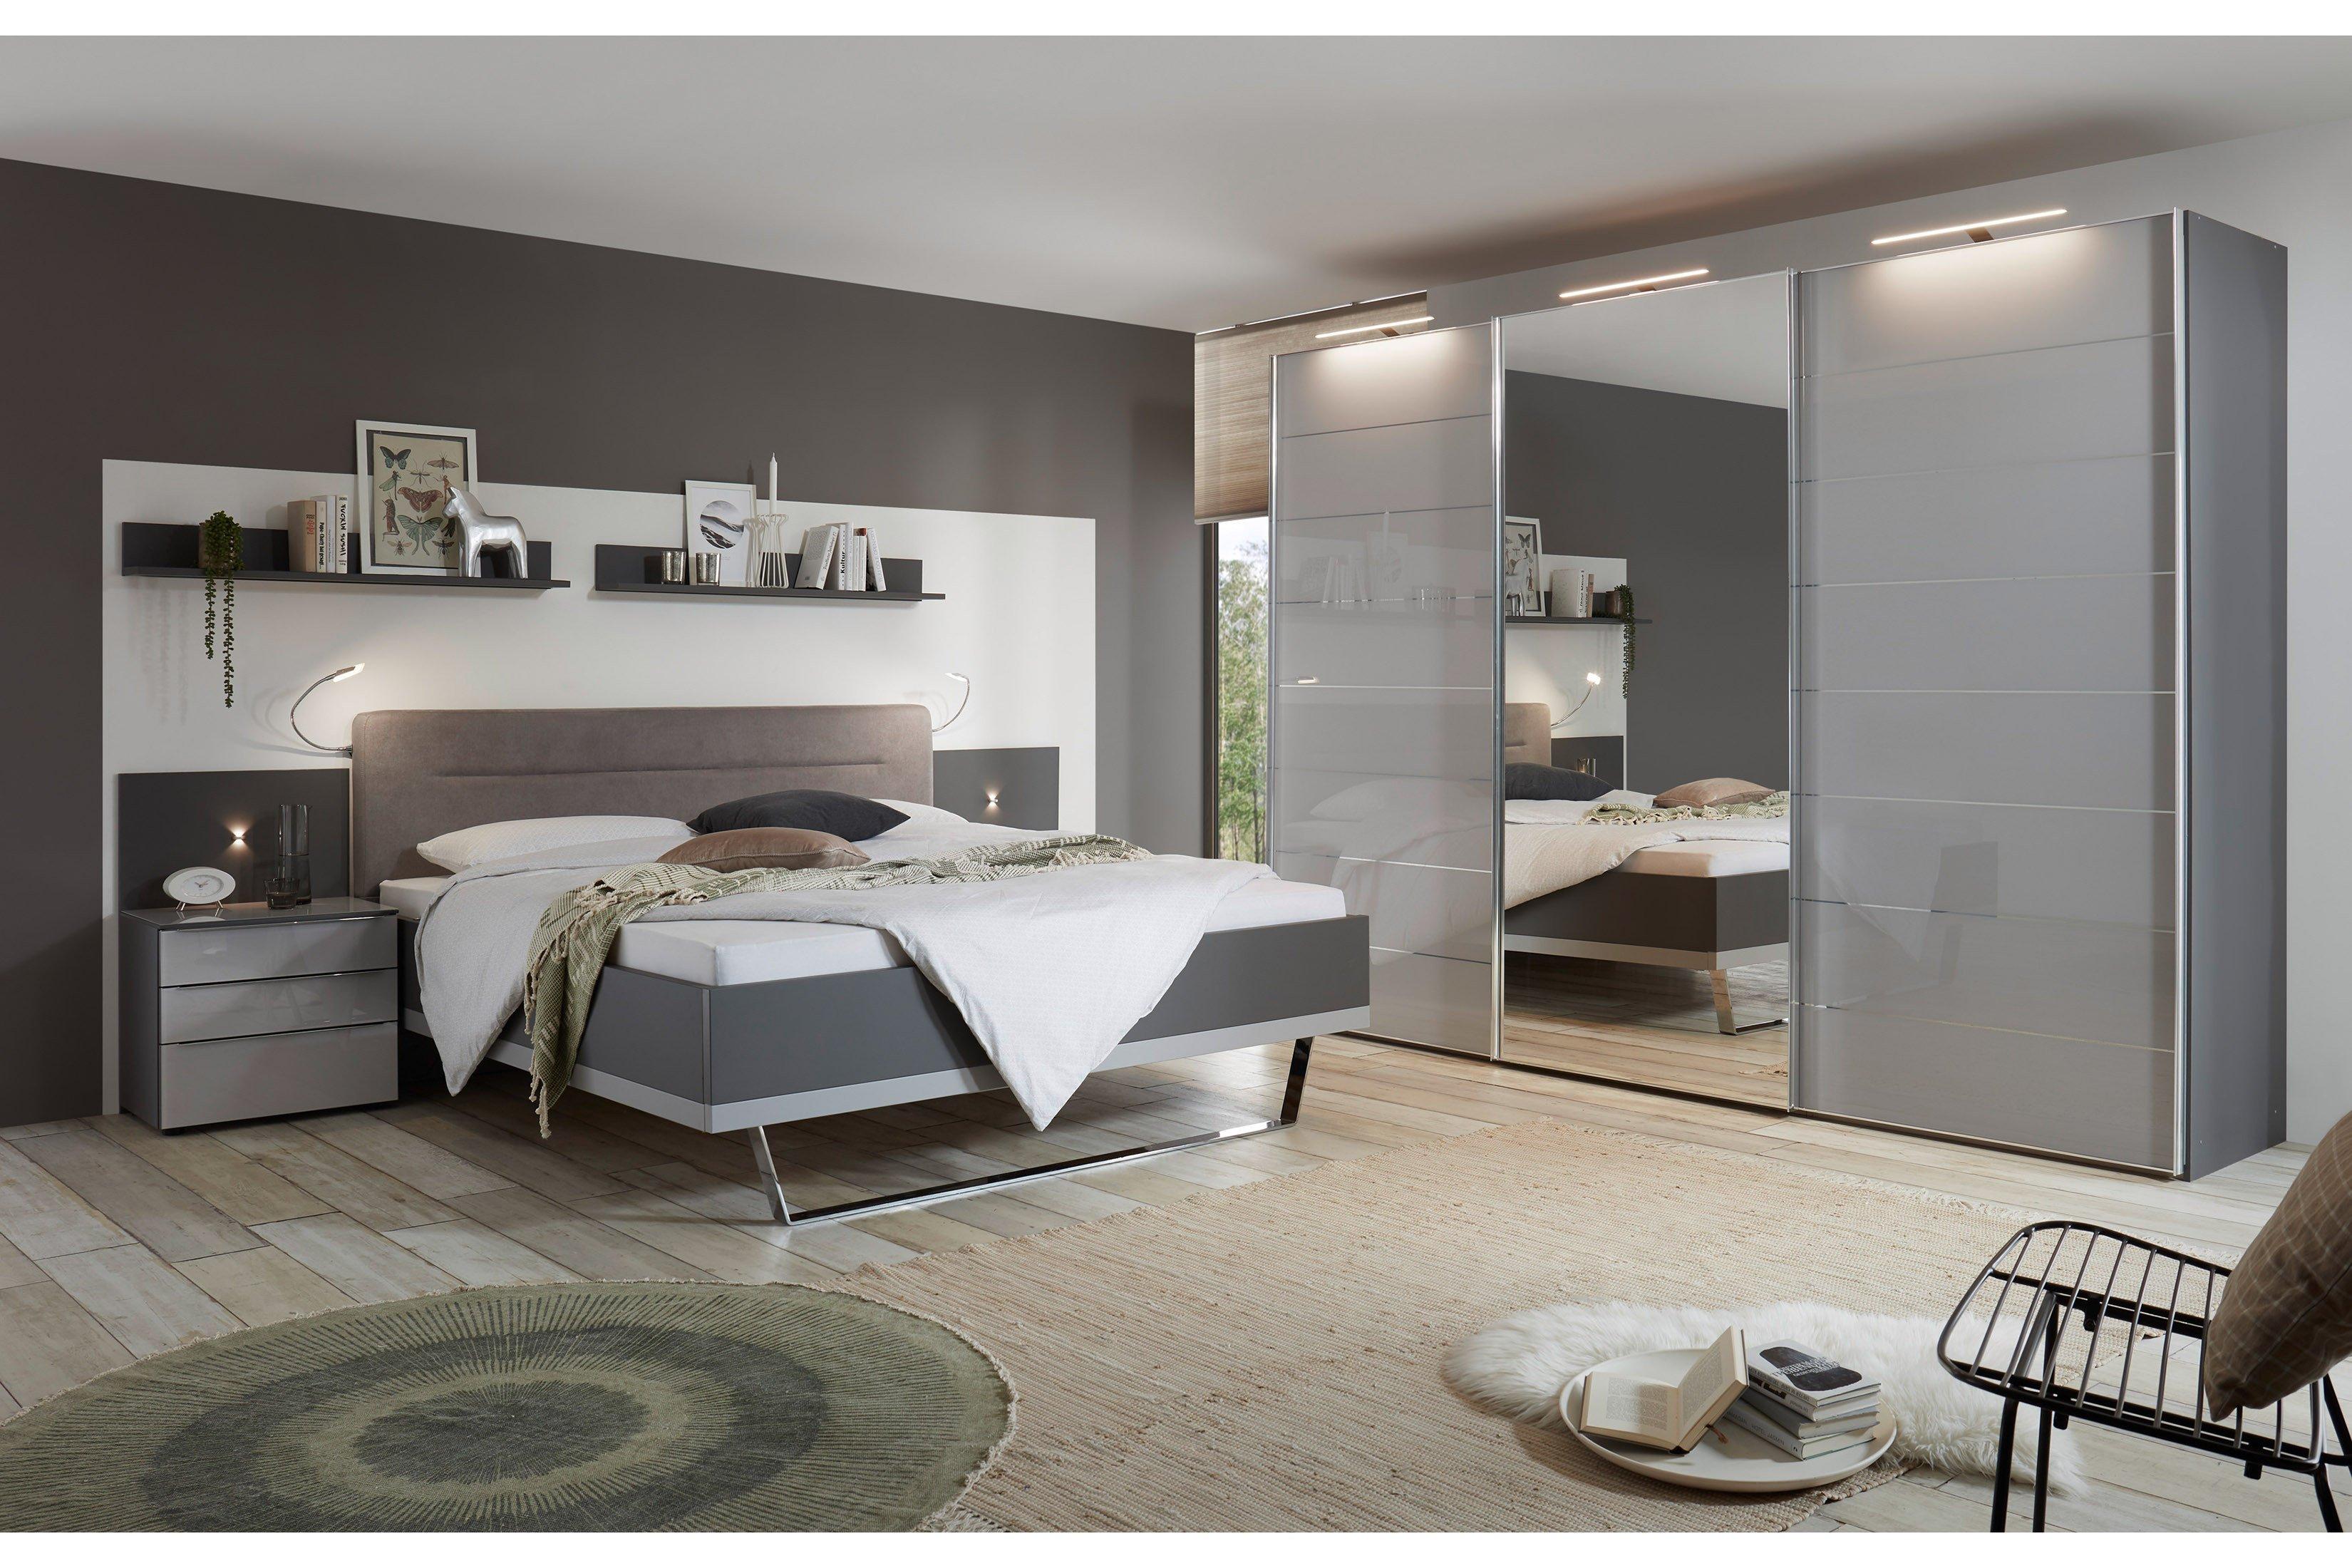 Staud Sonate Schlafzimmermobel Set Grau 4 Teilig Mobel Letz Ihr Online Shop